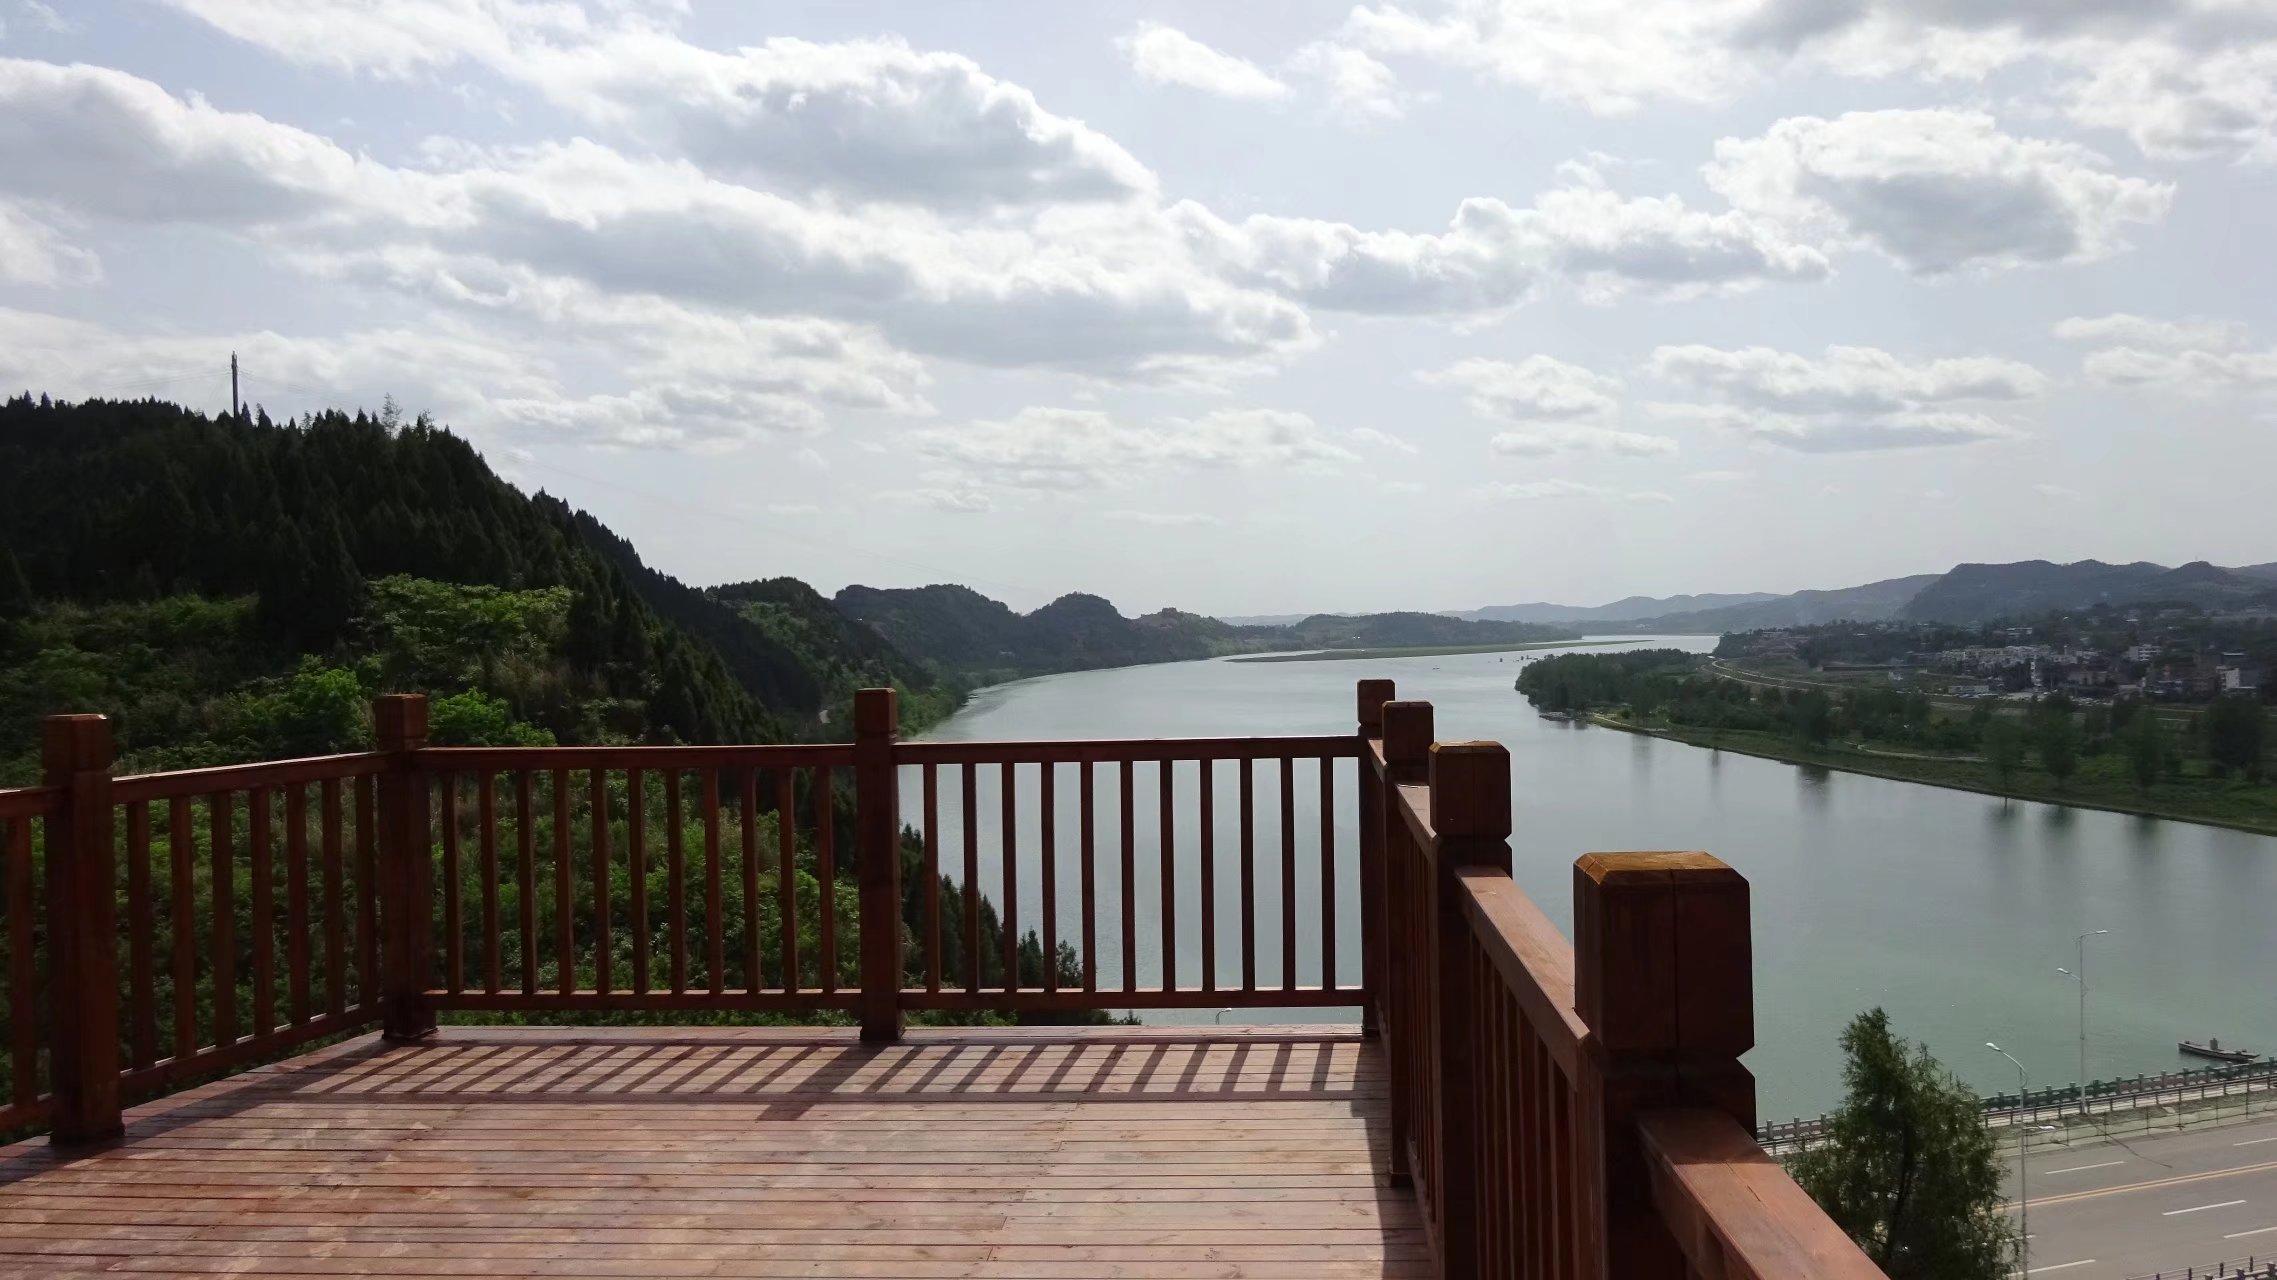 蓬安桑梓火锅公园施工进度(2018-05-10) - 第20张  | 蓬安在线